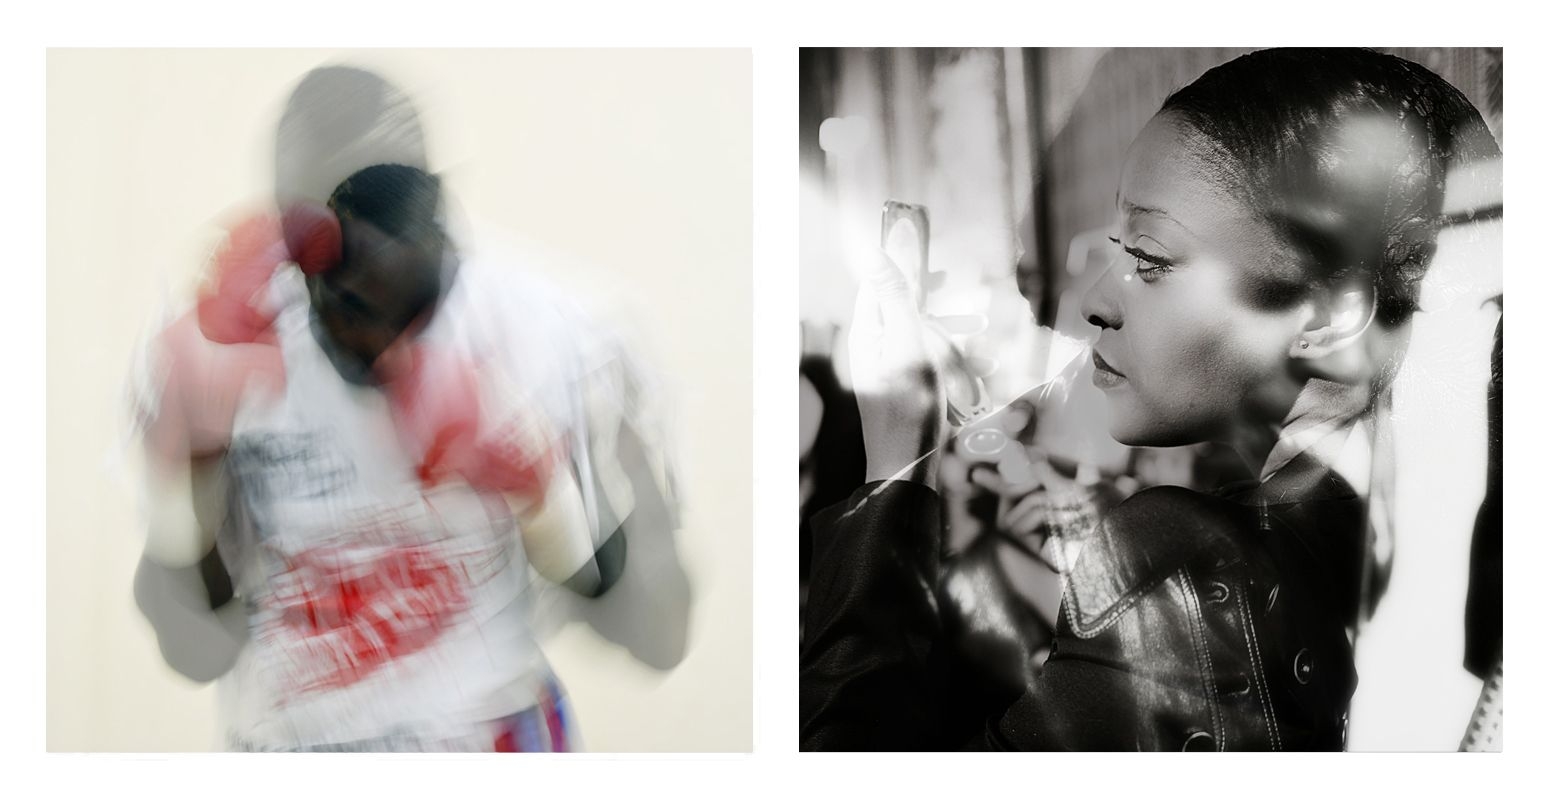 Diptyque photos au format 29x29 mat cadre 52x72 Photo Gauche : Taylor Mabika dans le vestiaire avant le combat de la défense de sa ceinture de champion d'Afrique ABU contre Ekeng Henshaw le 24 mai 2014 Libreville Gabon Photo Droite : Clarisse Hieraix Défilé « Eclosion » 2014 du 21 Janvier 2014 à l'espace Pierre Cardin mixé avec le Défilé Haut Couture «Parade amoureuse»  21 janvier 2013 au Shangri-la photo: Samuel Bailhache Edition 1/7 prix : 700€ Signée par Taylor Mabika et par Clarisse…